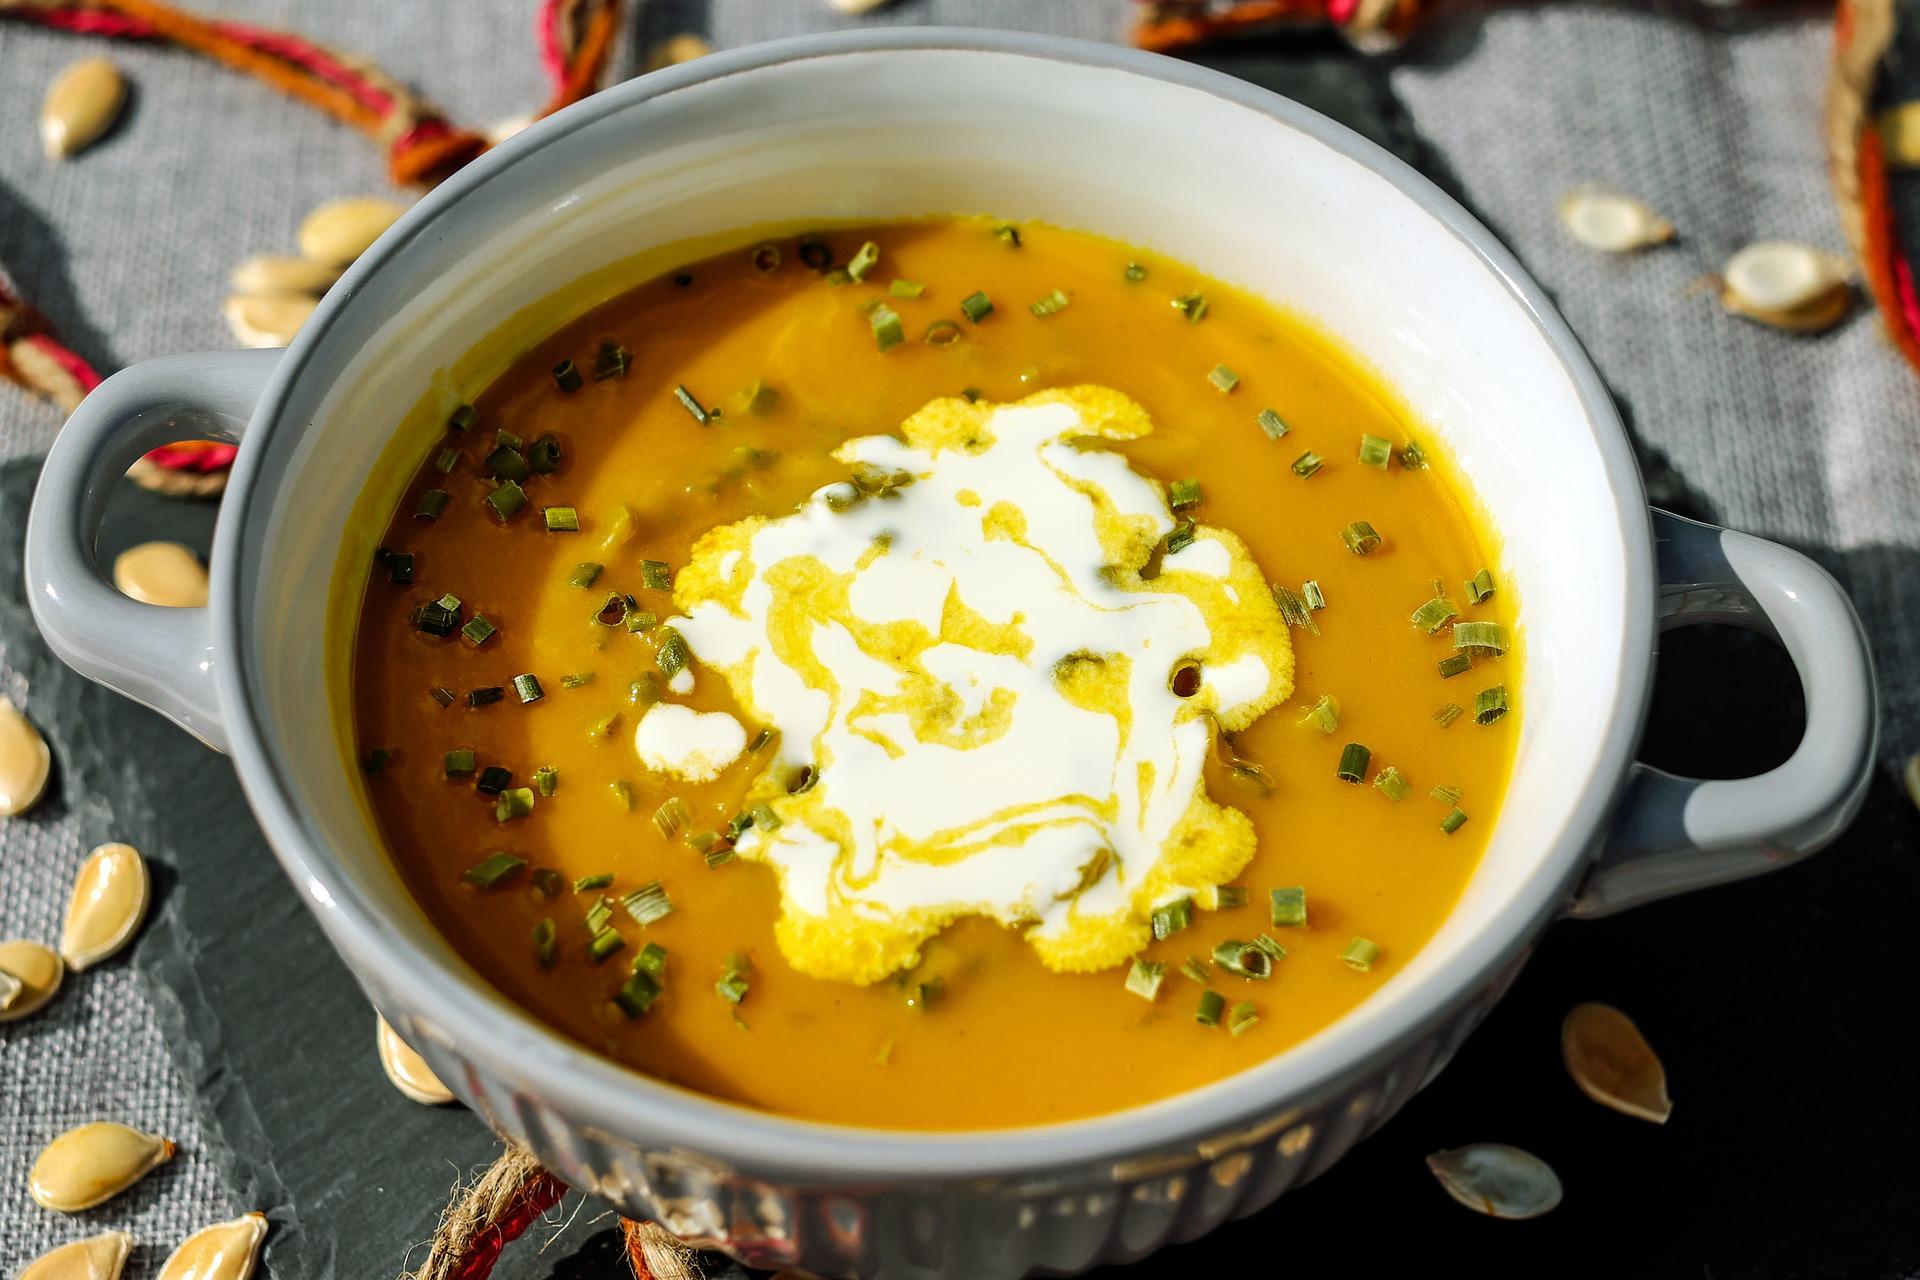 keto, paleo pumpkin soup